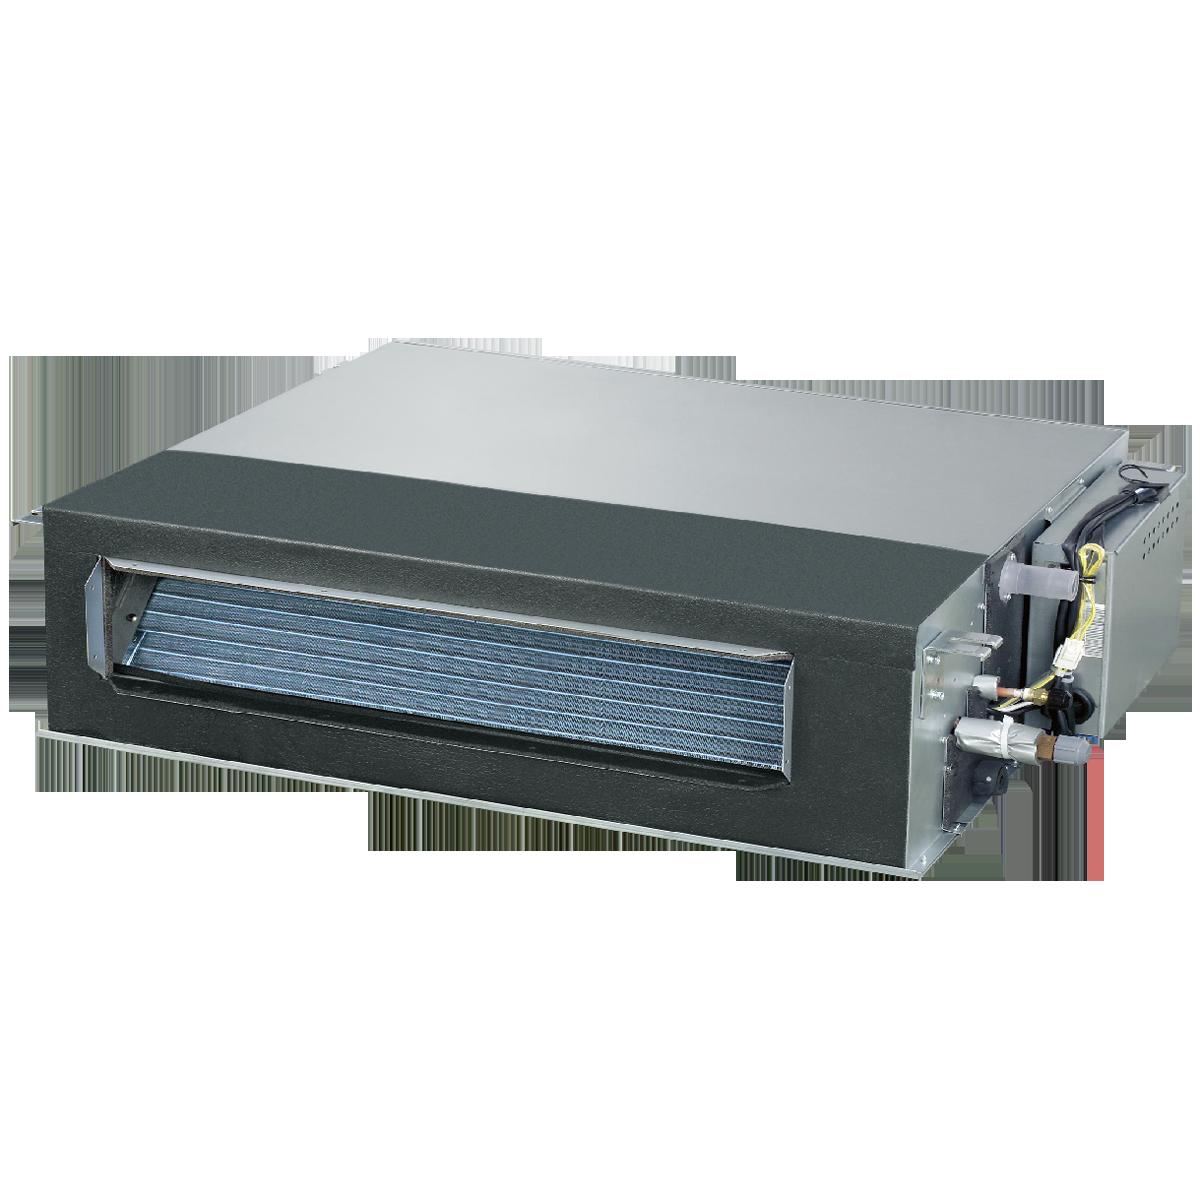 Calderas aire acondicionado precios venta e instalaci n for Aire acondicionado haier